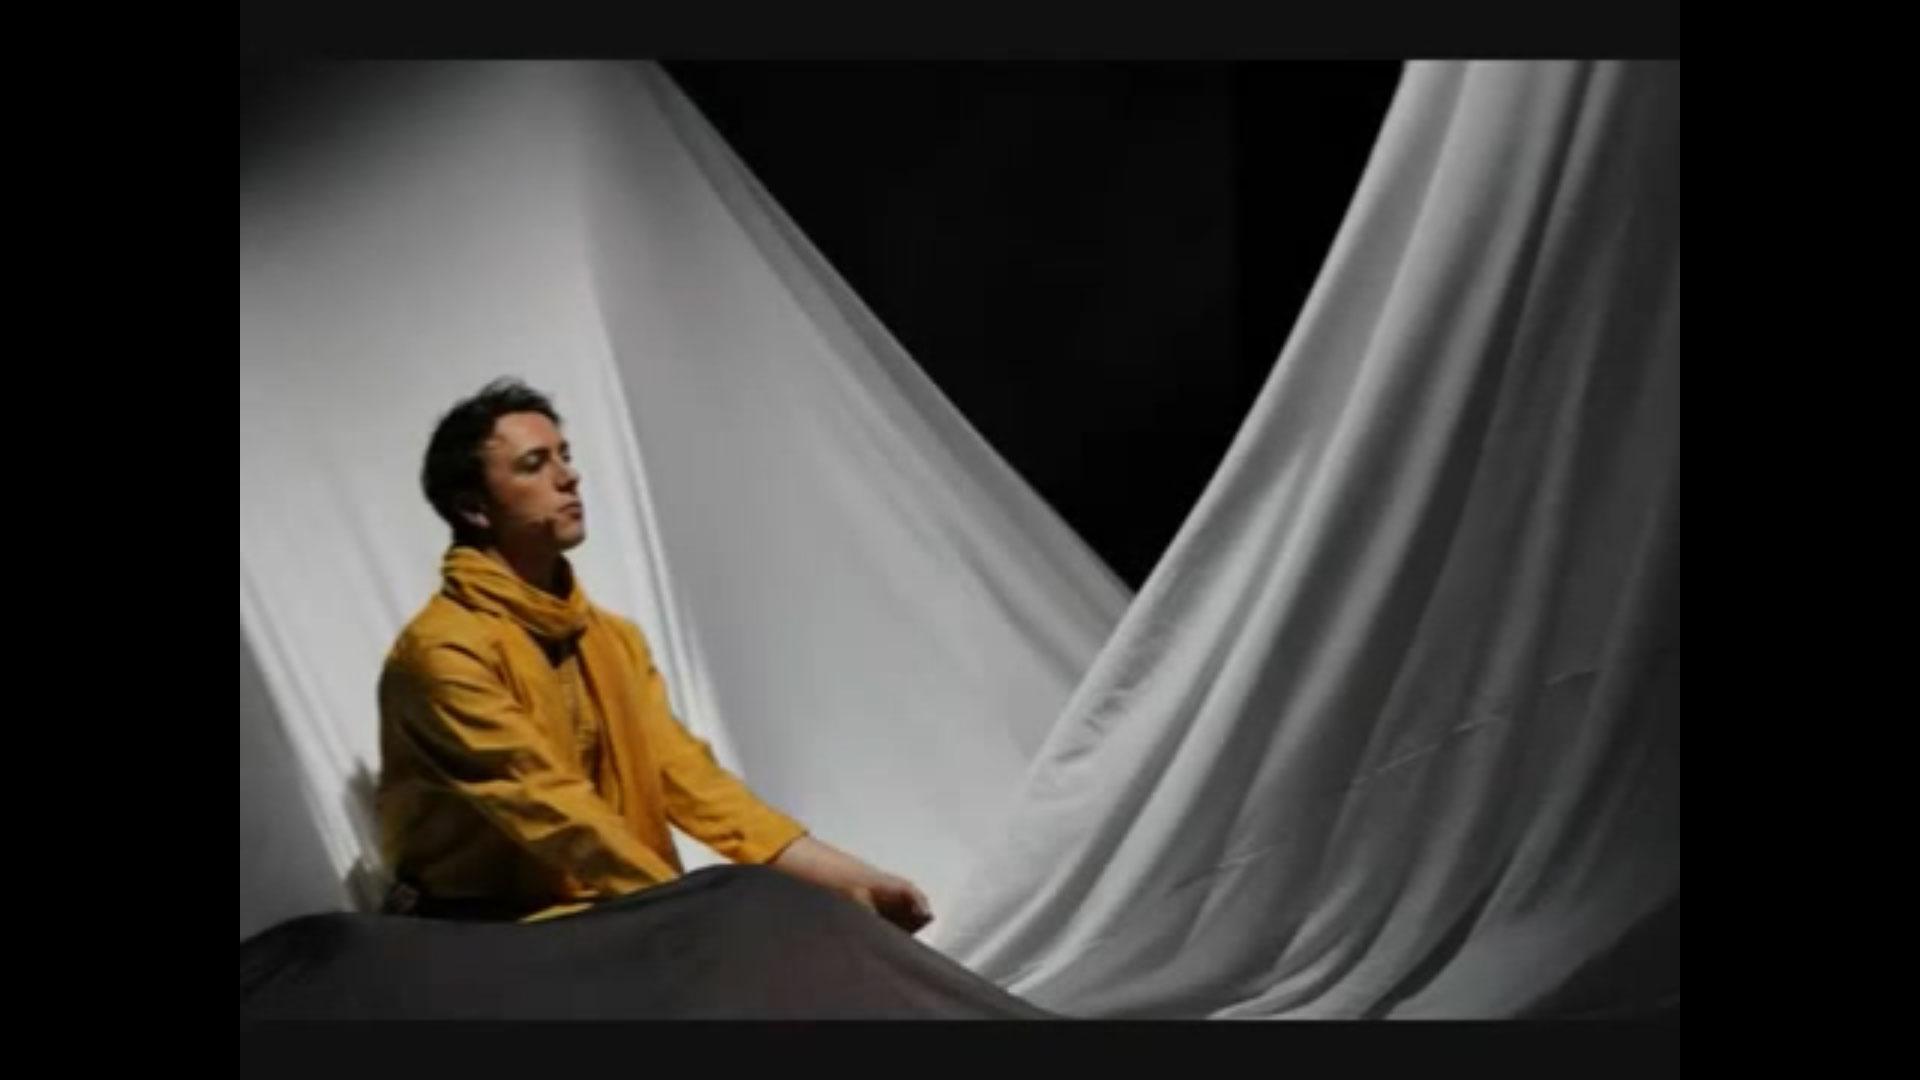 Immagine Video - Il mio nemico - Michelangelo Nari